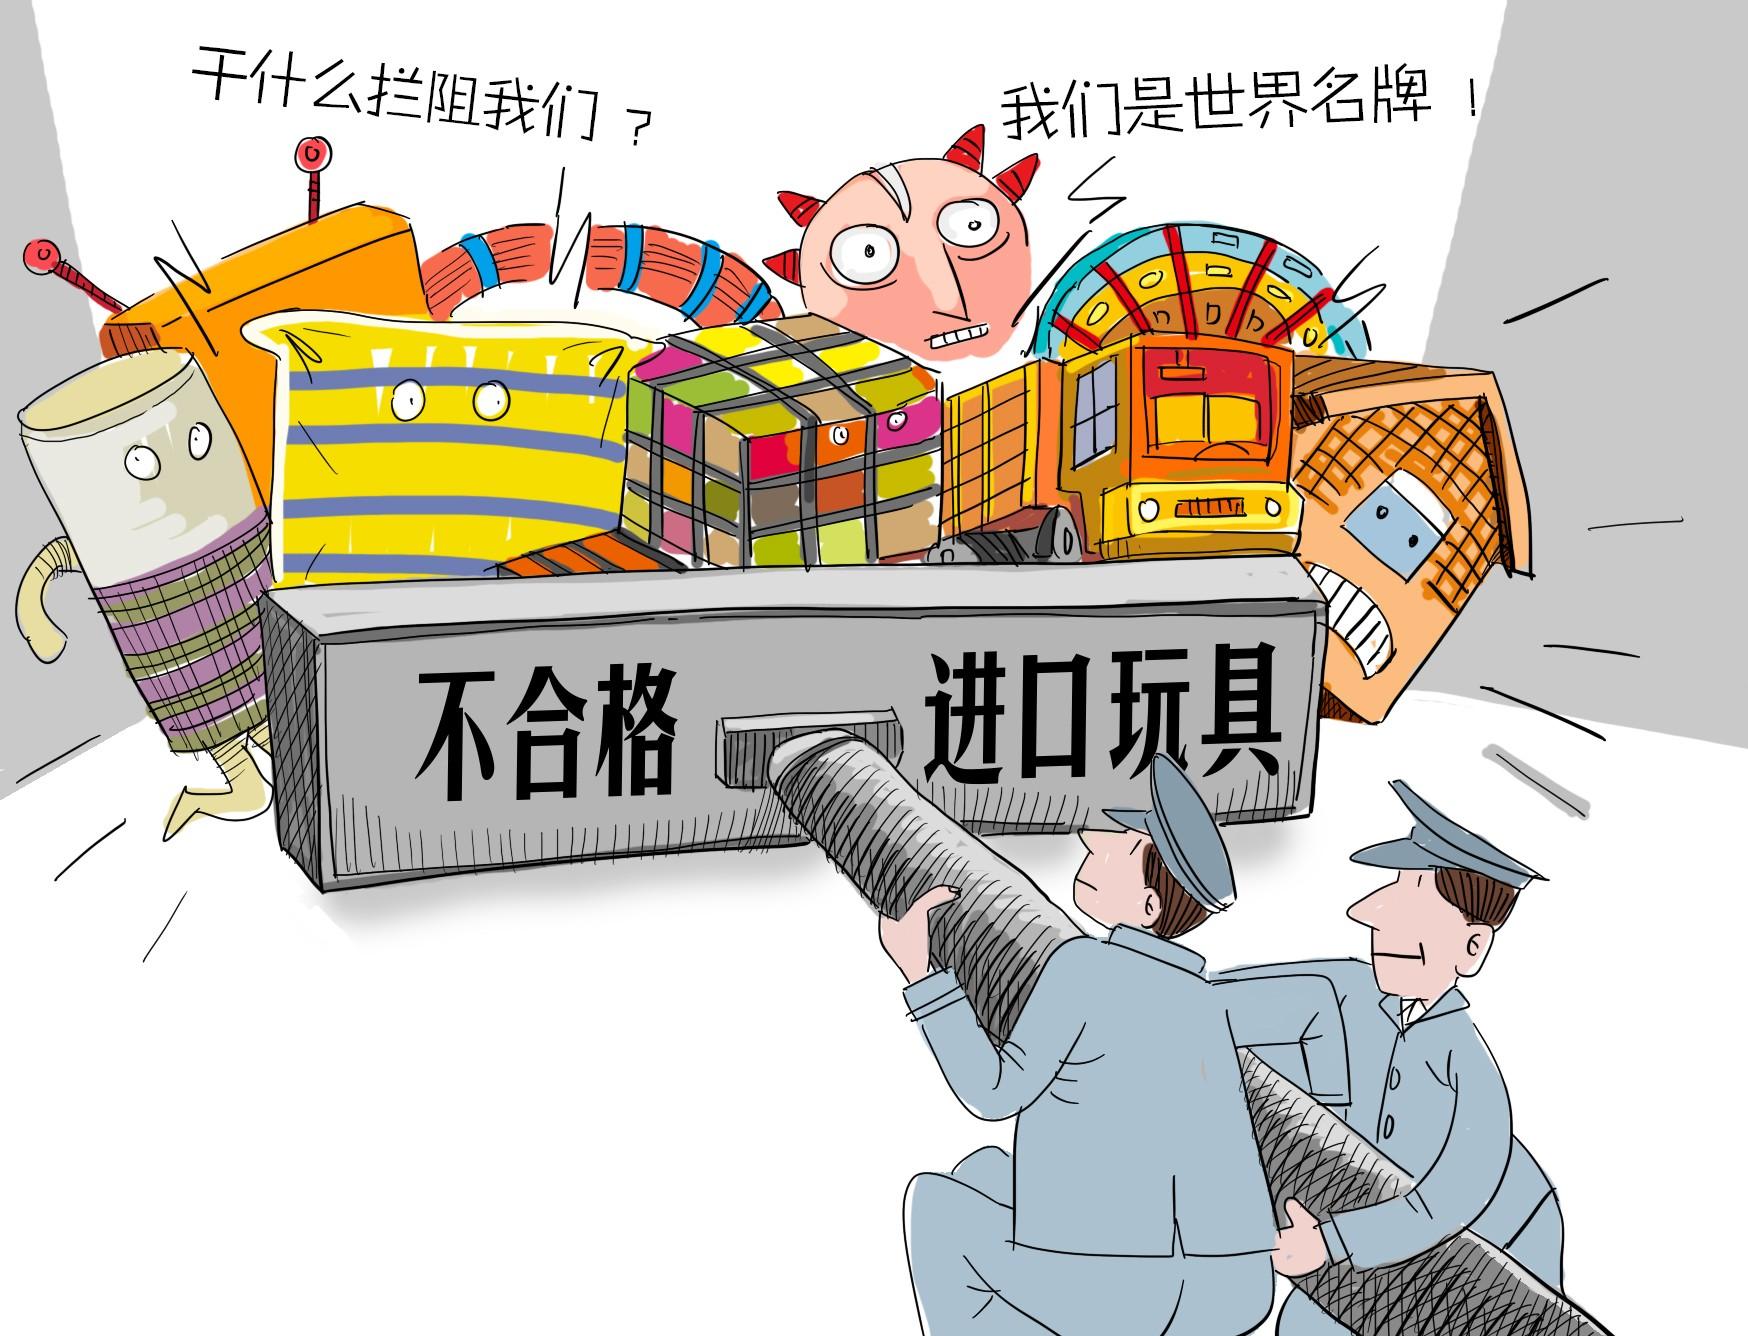 下月消费品进口关税大降 涉及约236亿美元进口额